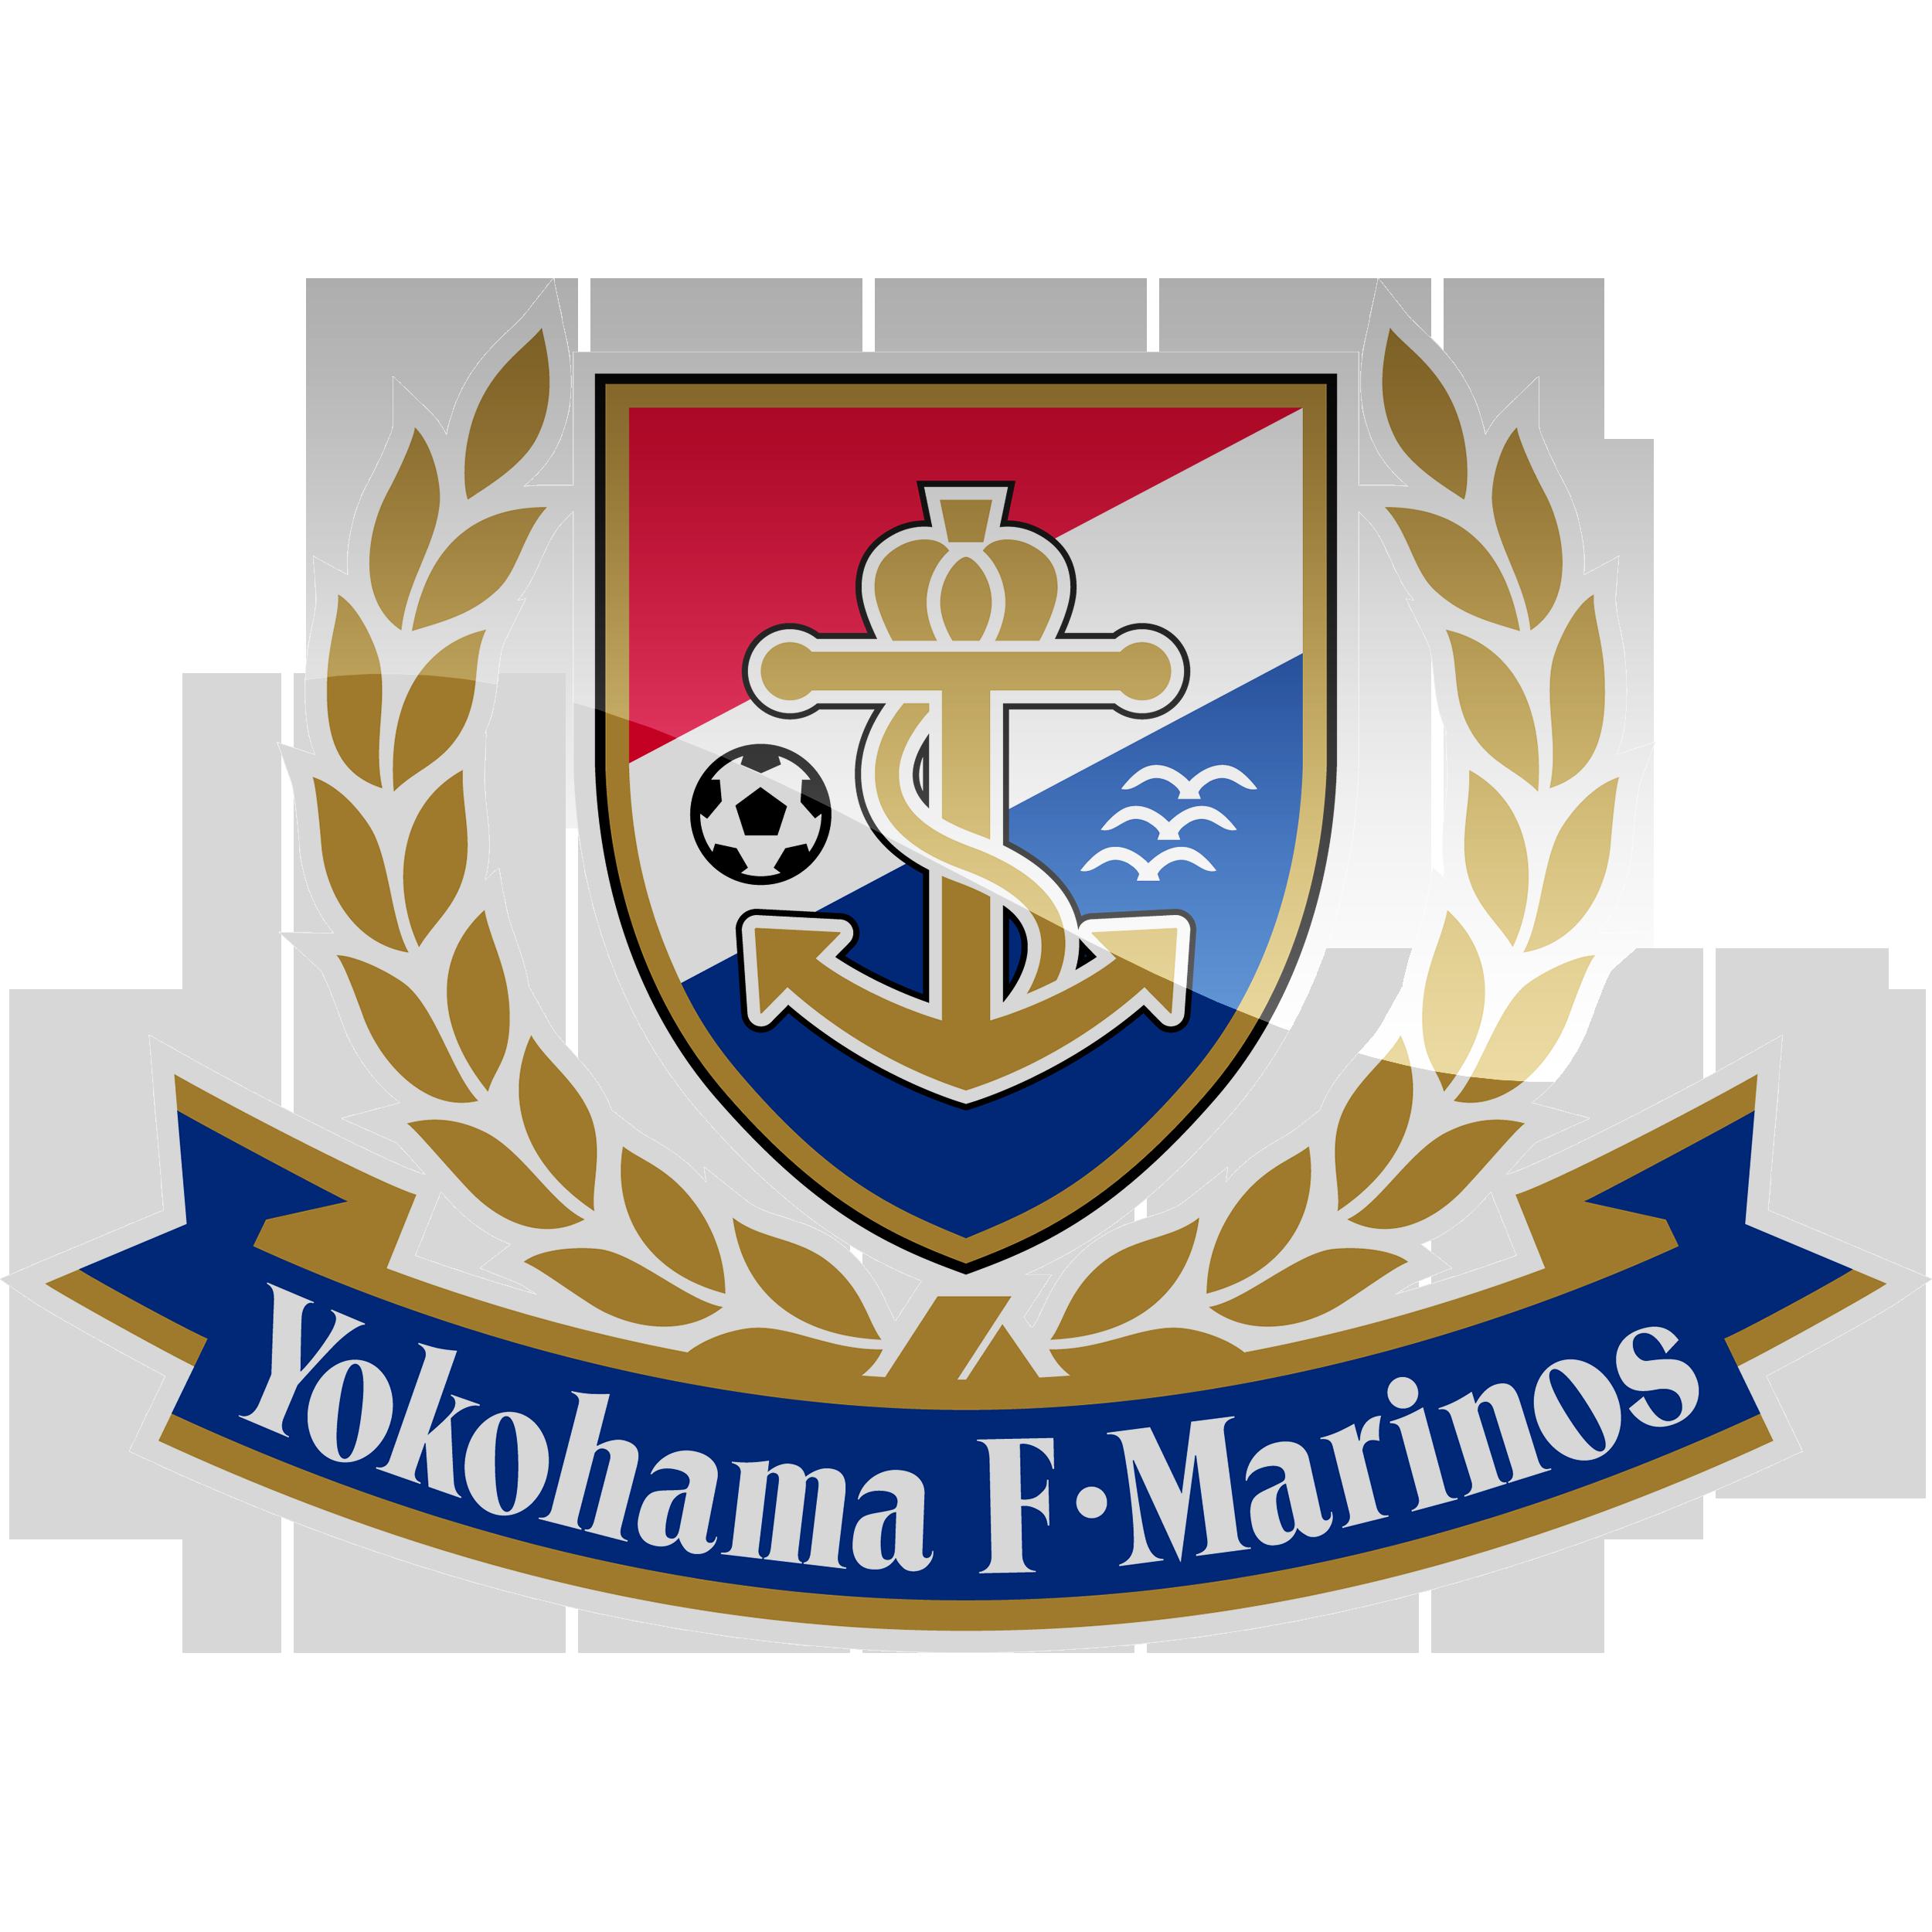 Yokohama F.